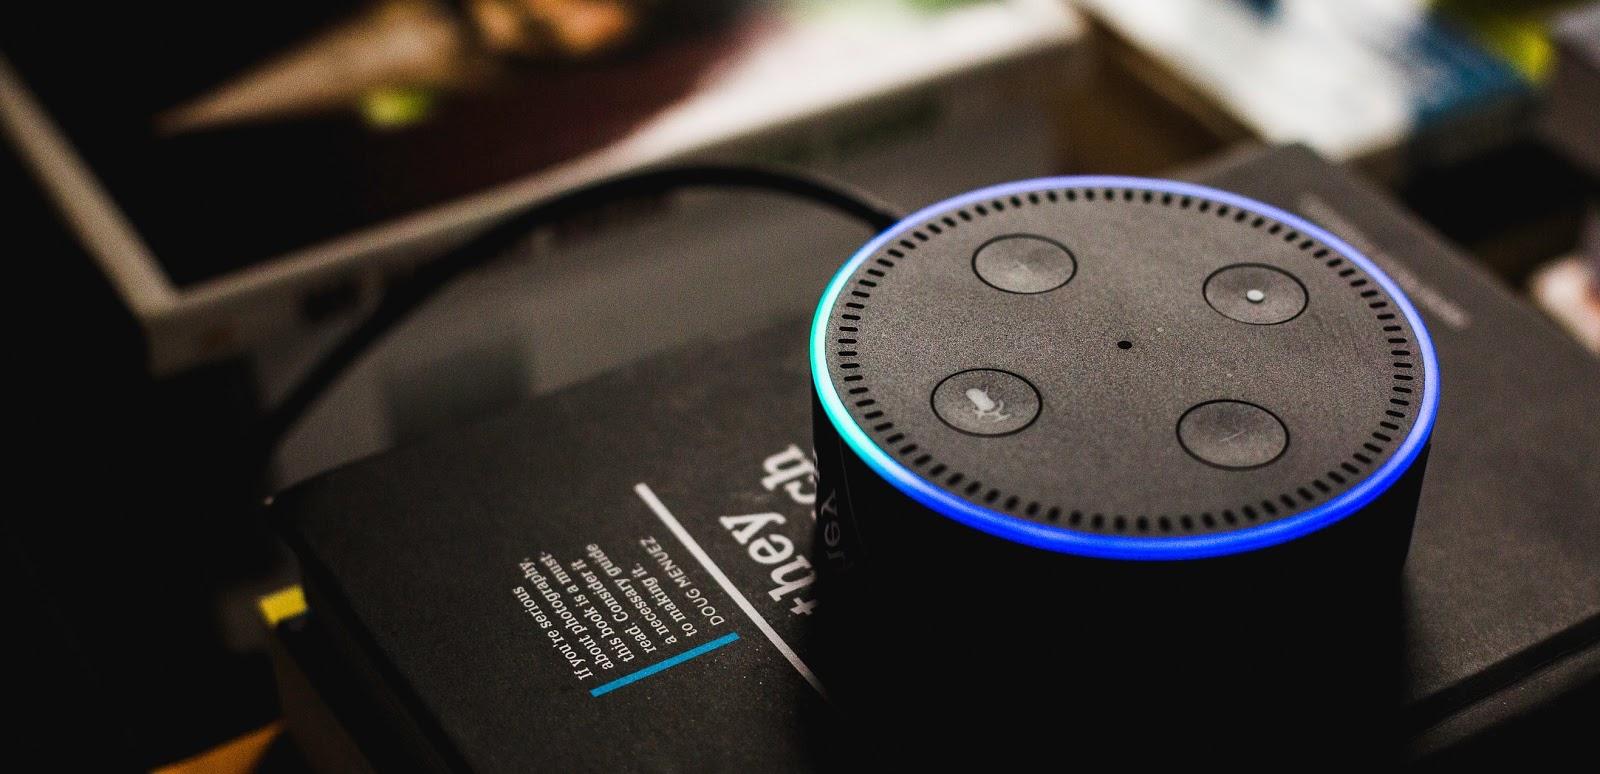 A photo of an Amazon Alexa.